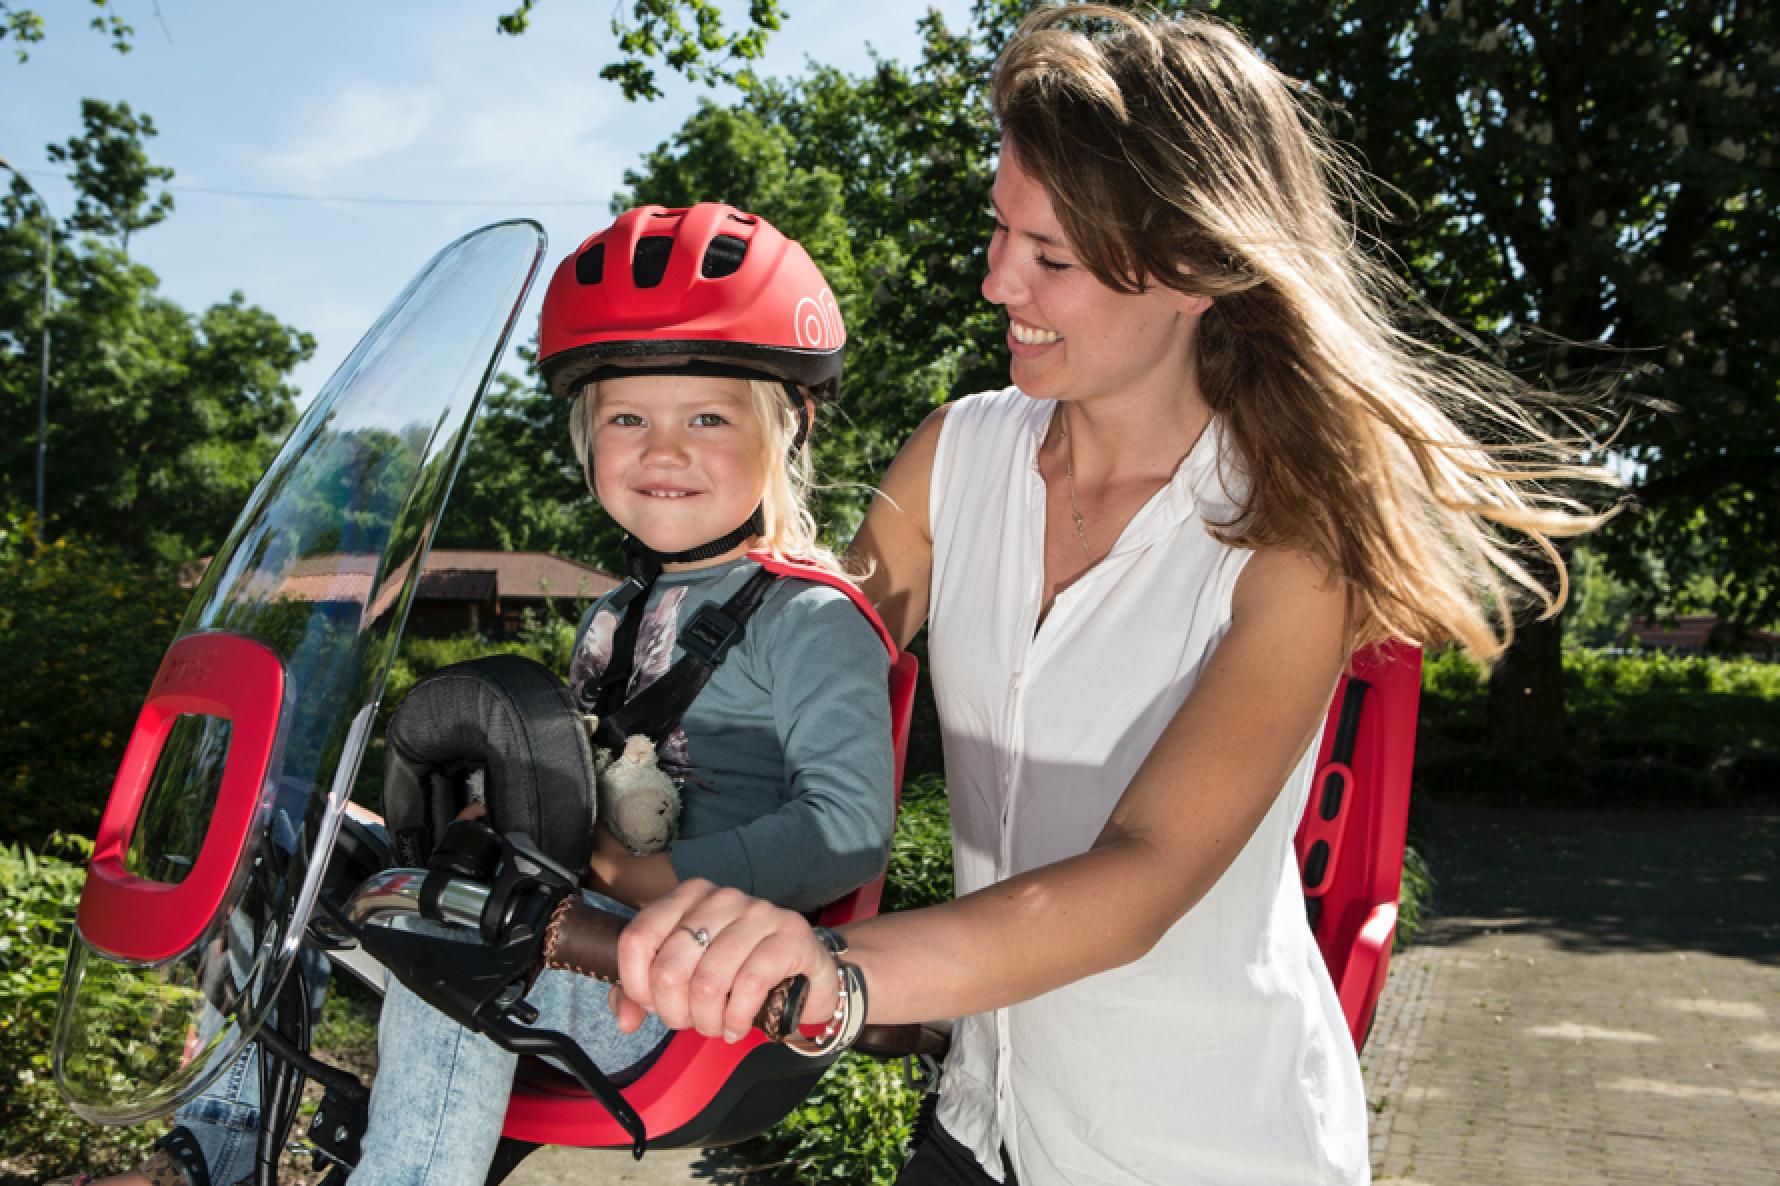 WINNEN: Een Bobike One kinderzitje voor veilig fietsplezier!